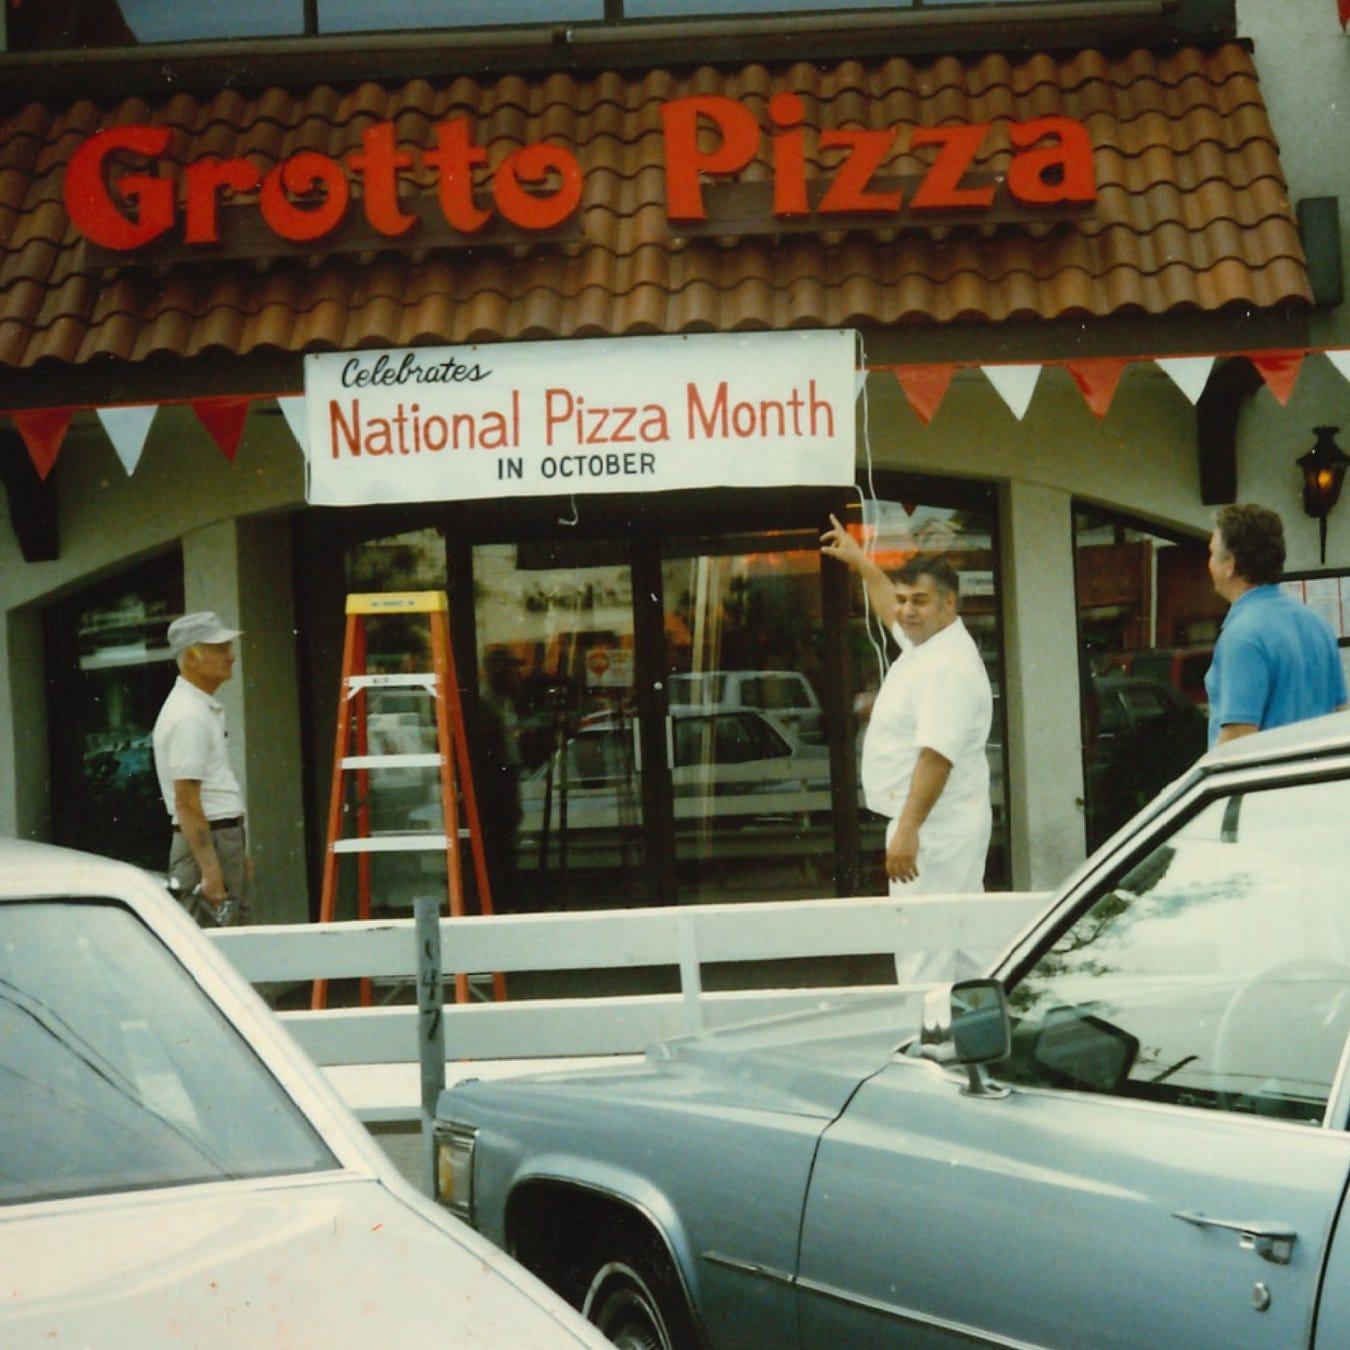 Grotto Pizza's super-secret dough recipe; 10 more fun facts about Delaware's best known pizza